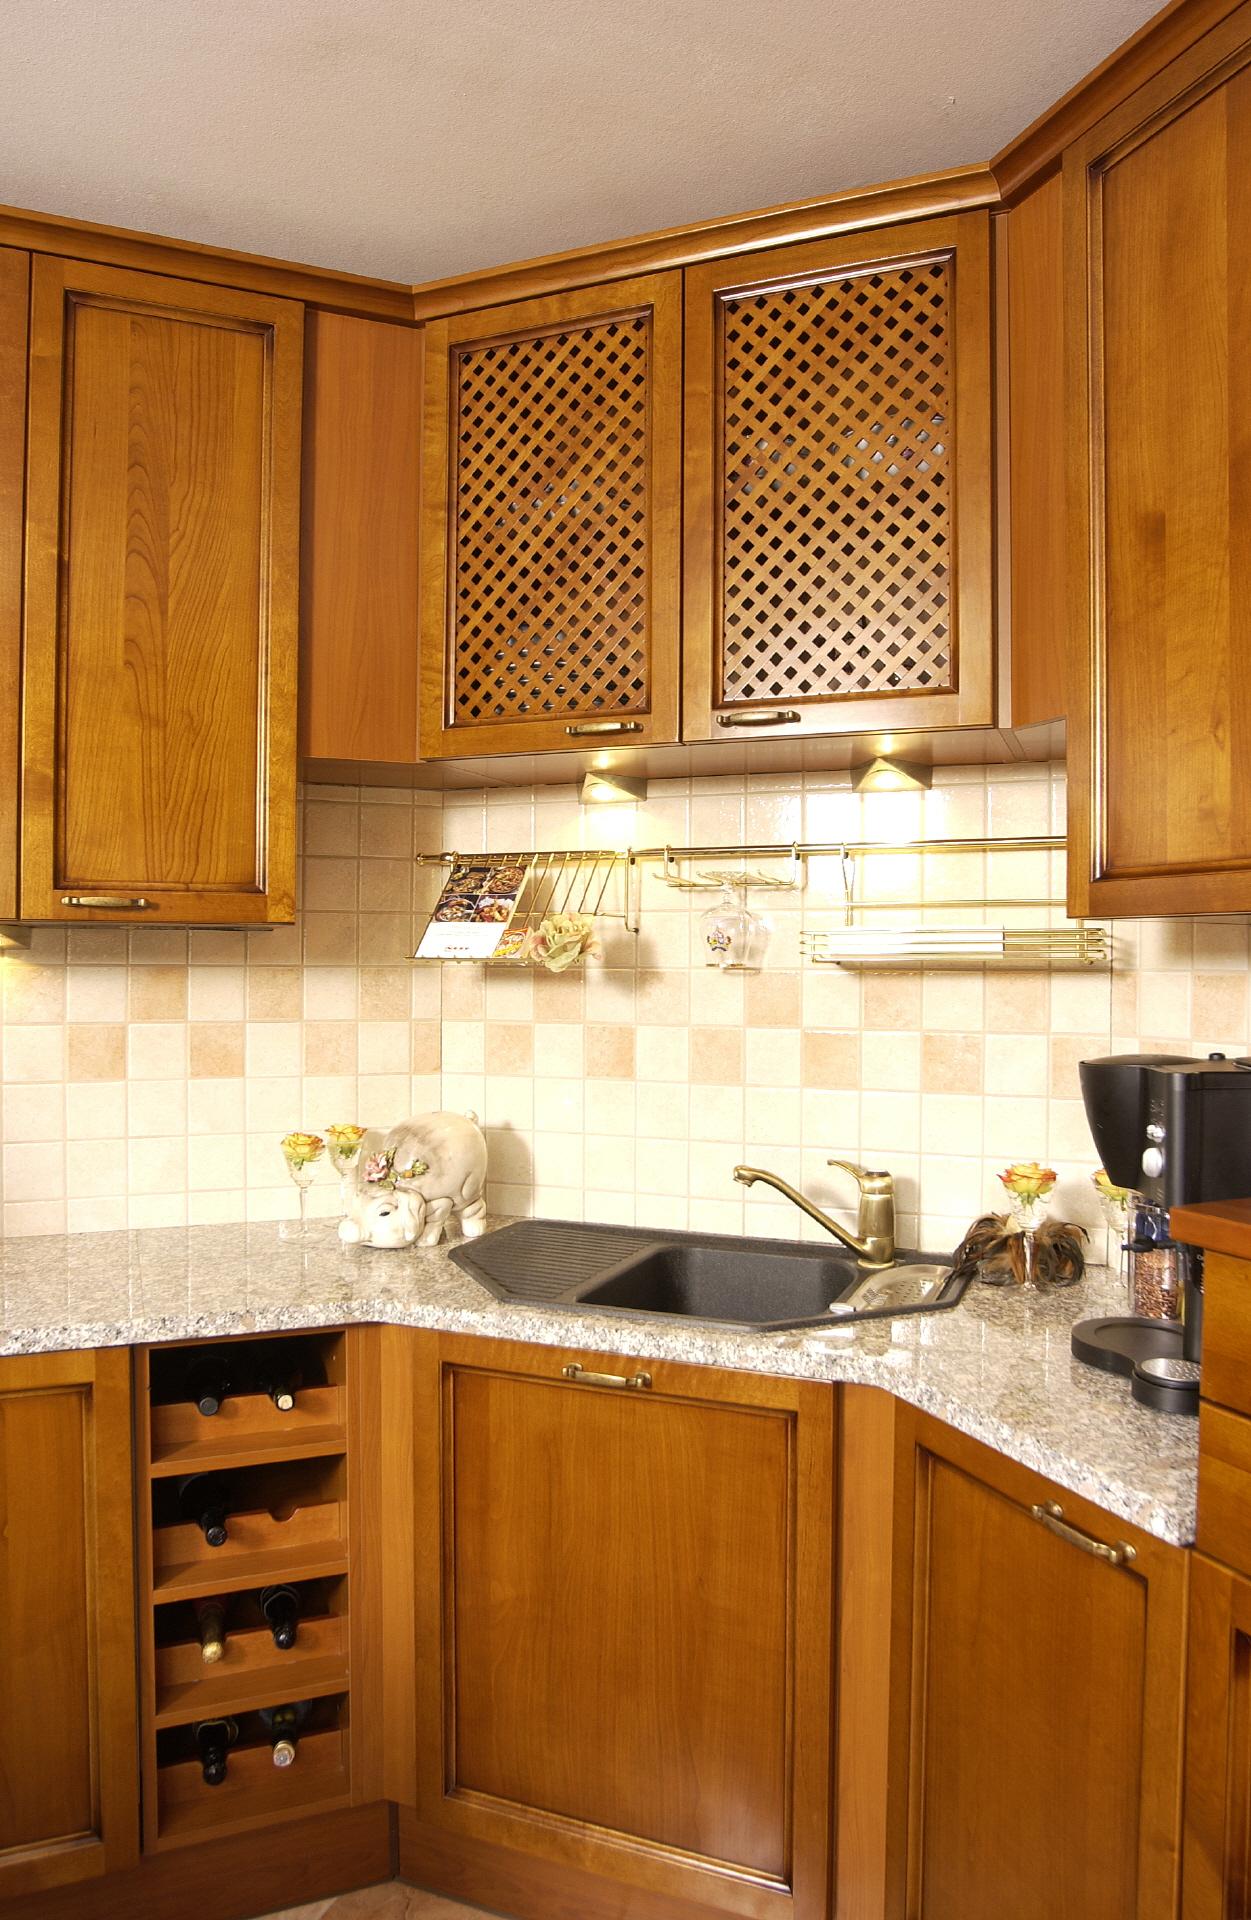 Klassische kuchen pasentiert vom kuchenprofi kuchenherbert for Küchen spüle